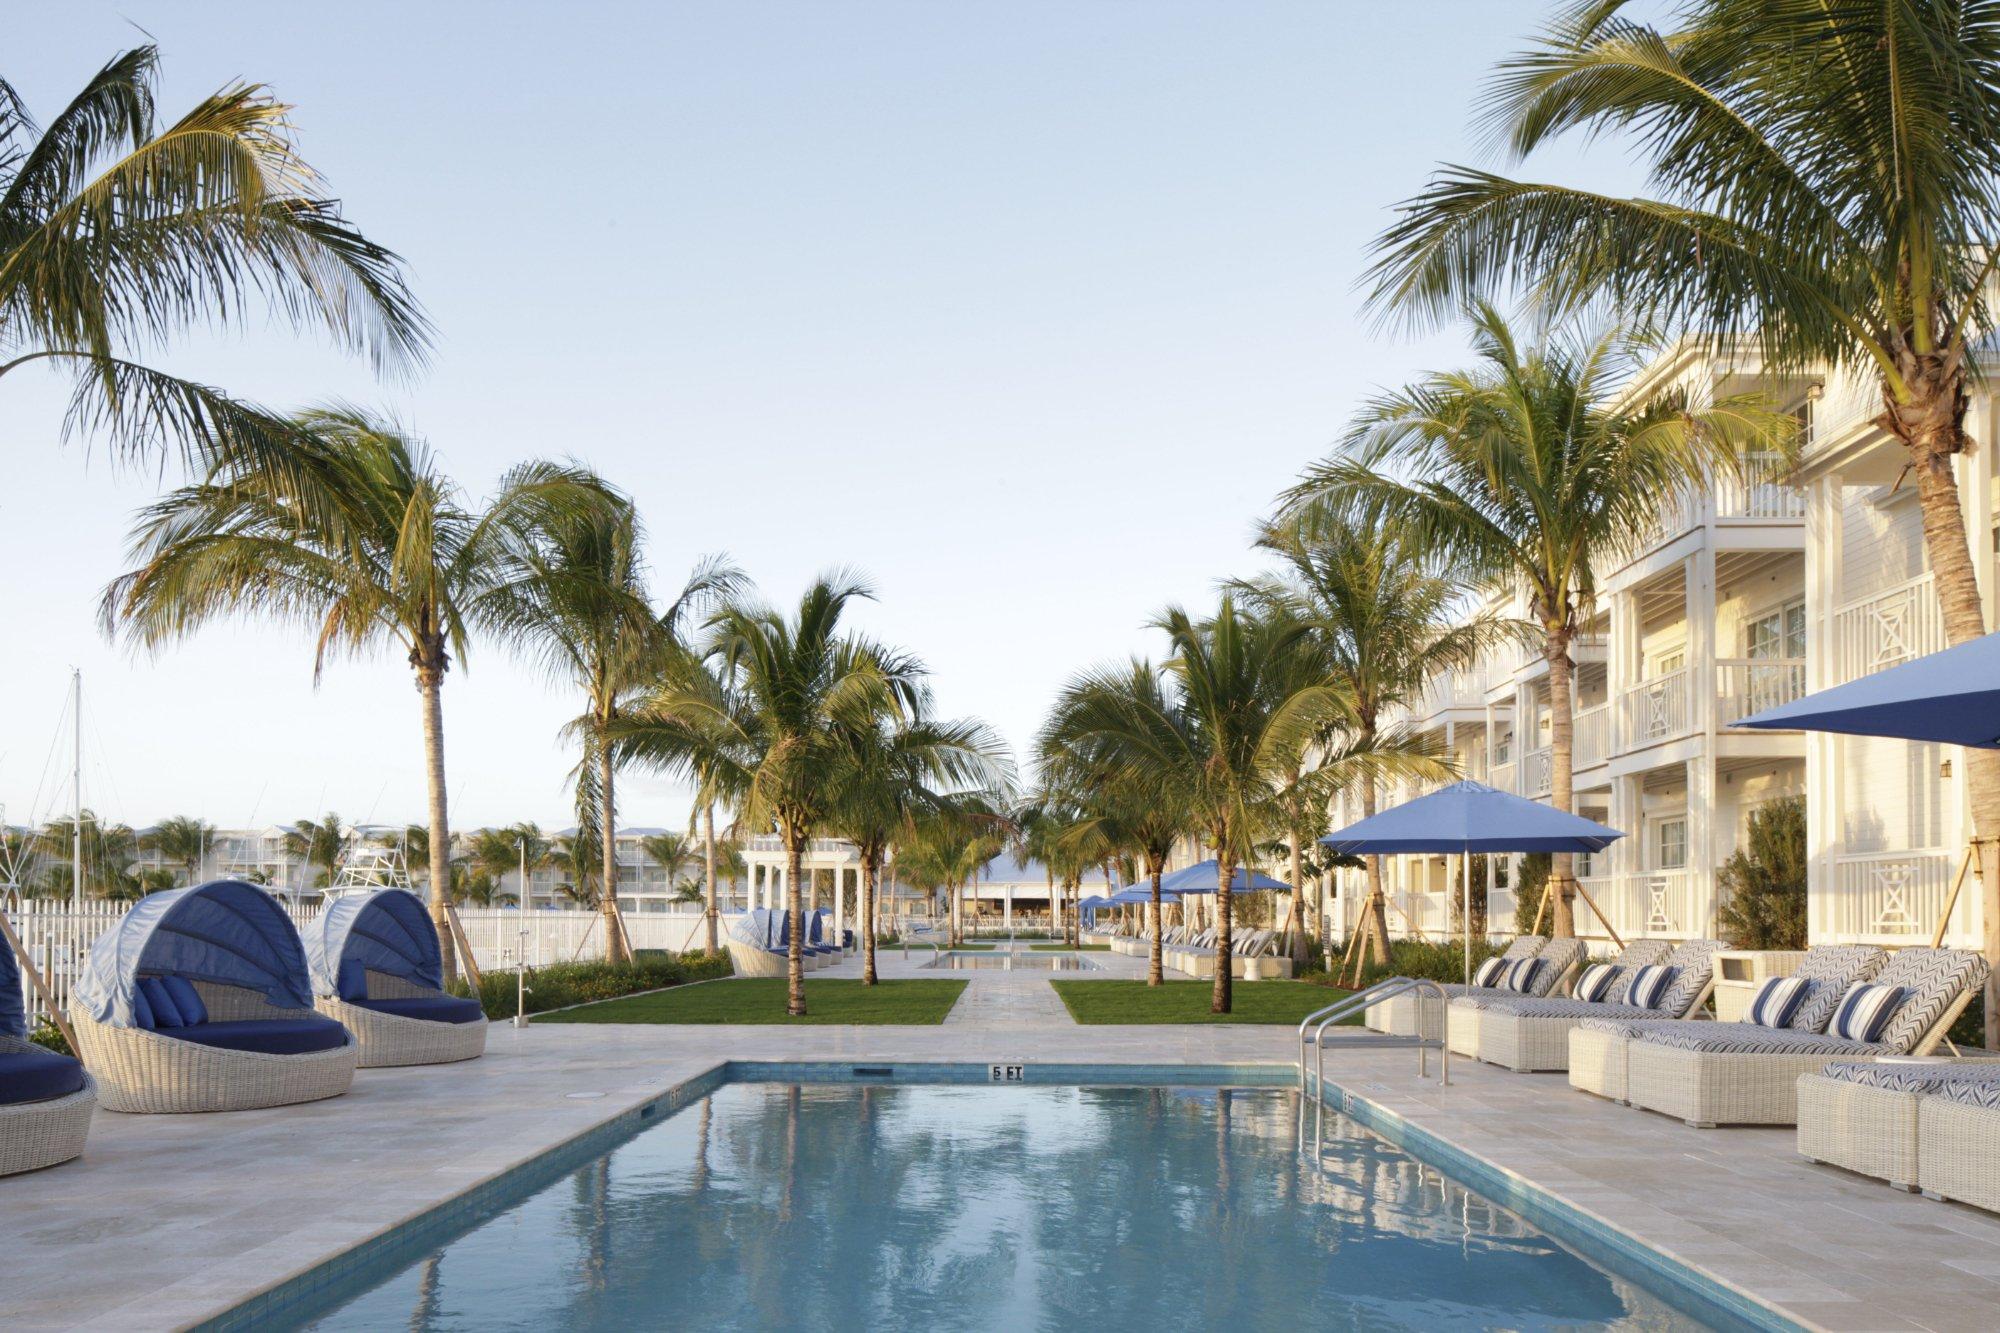 Budget Inn Miami Beach